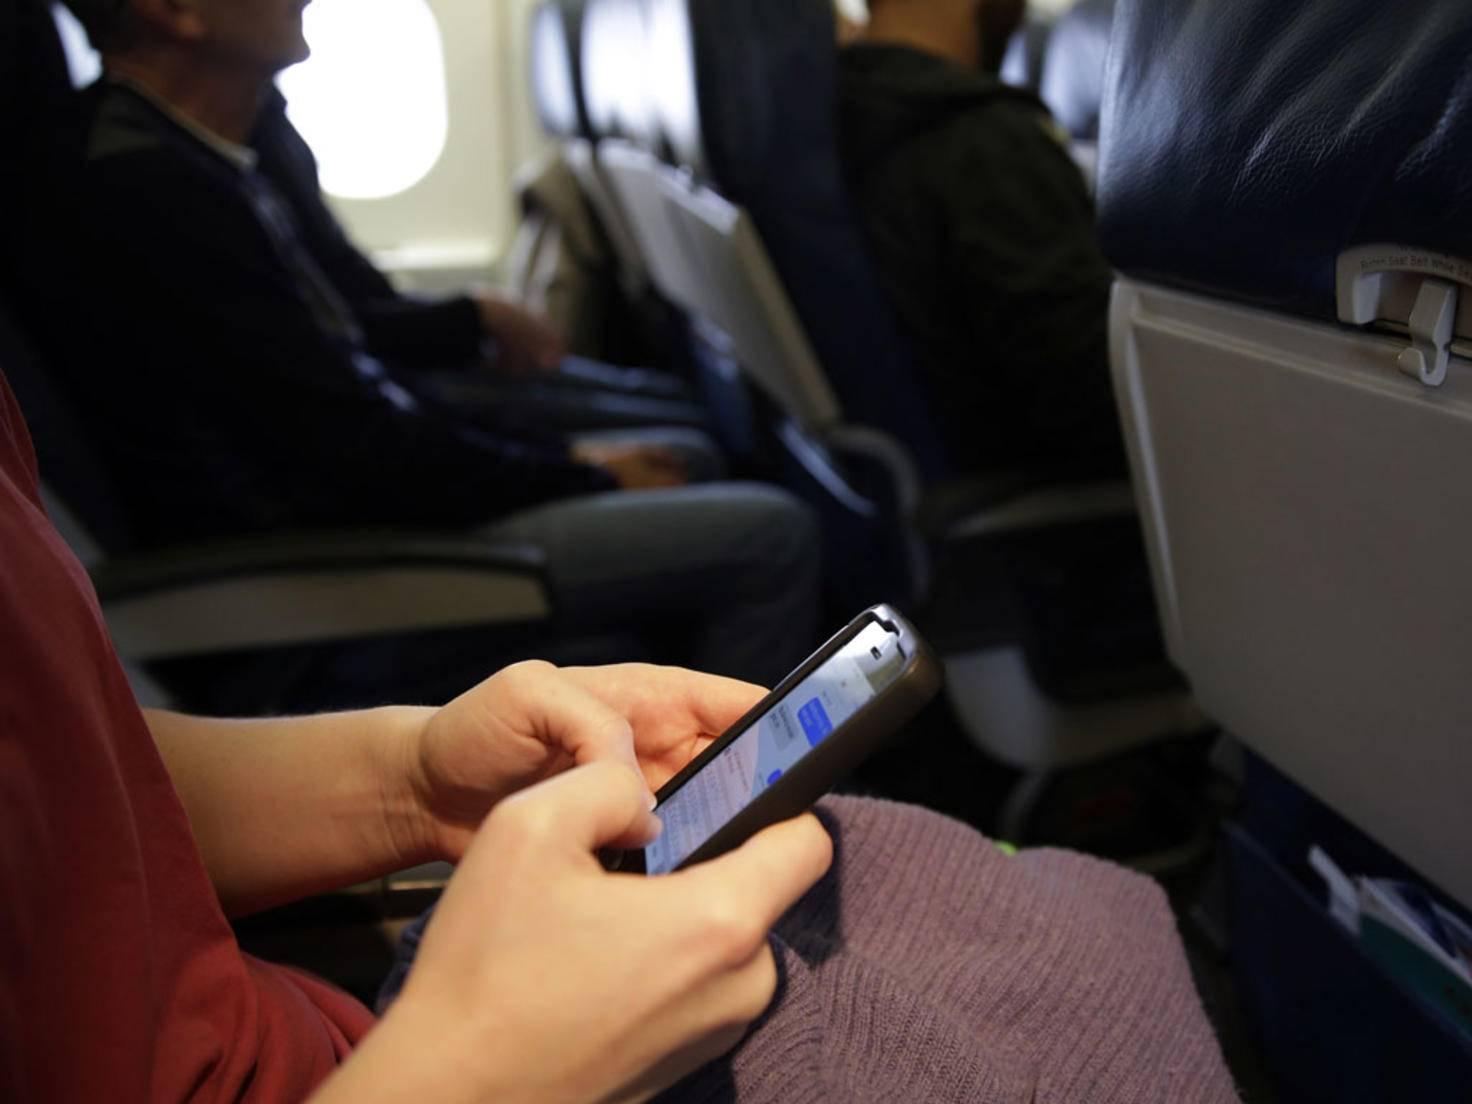 Smartphones in Flugzeugen: Die Gefahr von Störungen ist gering.